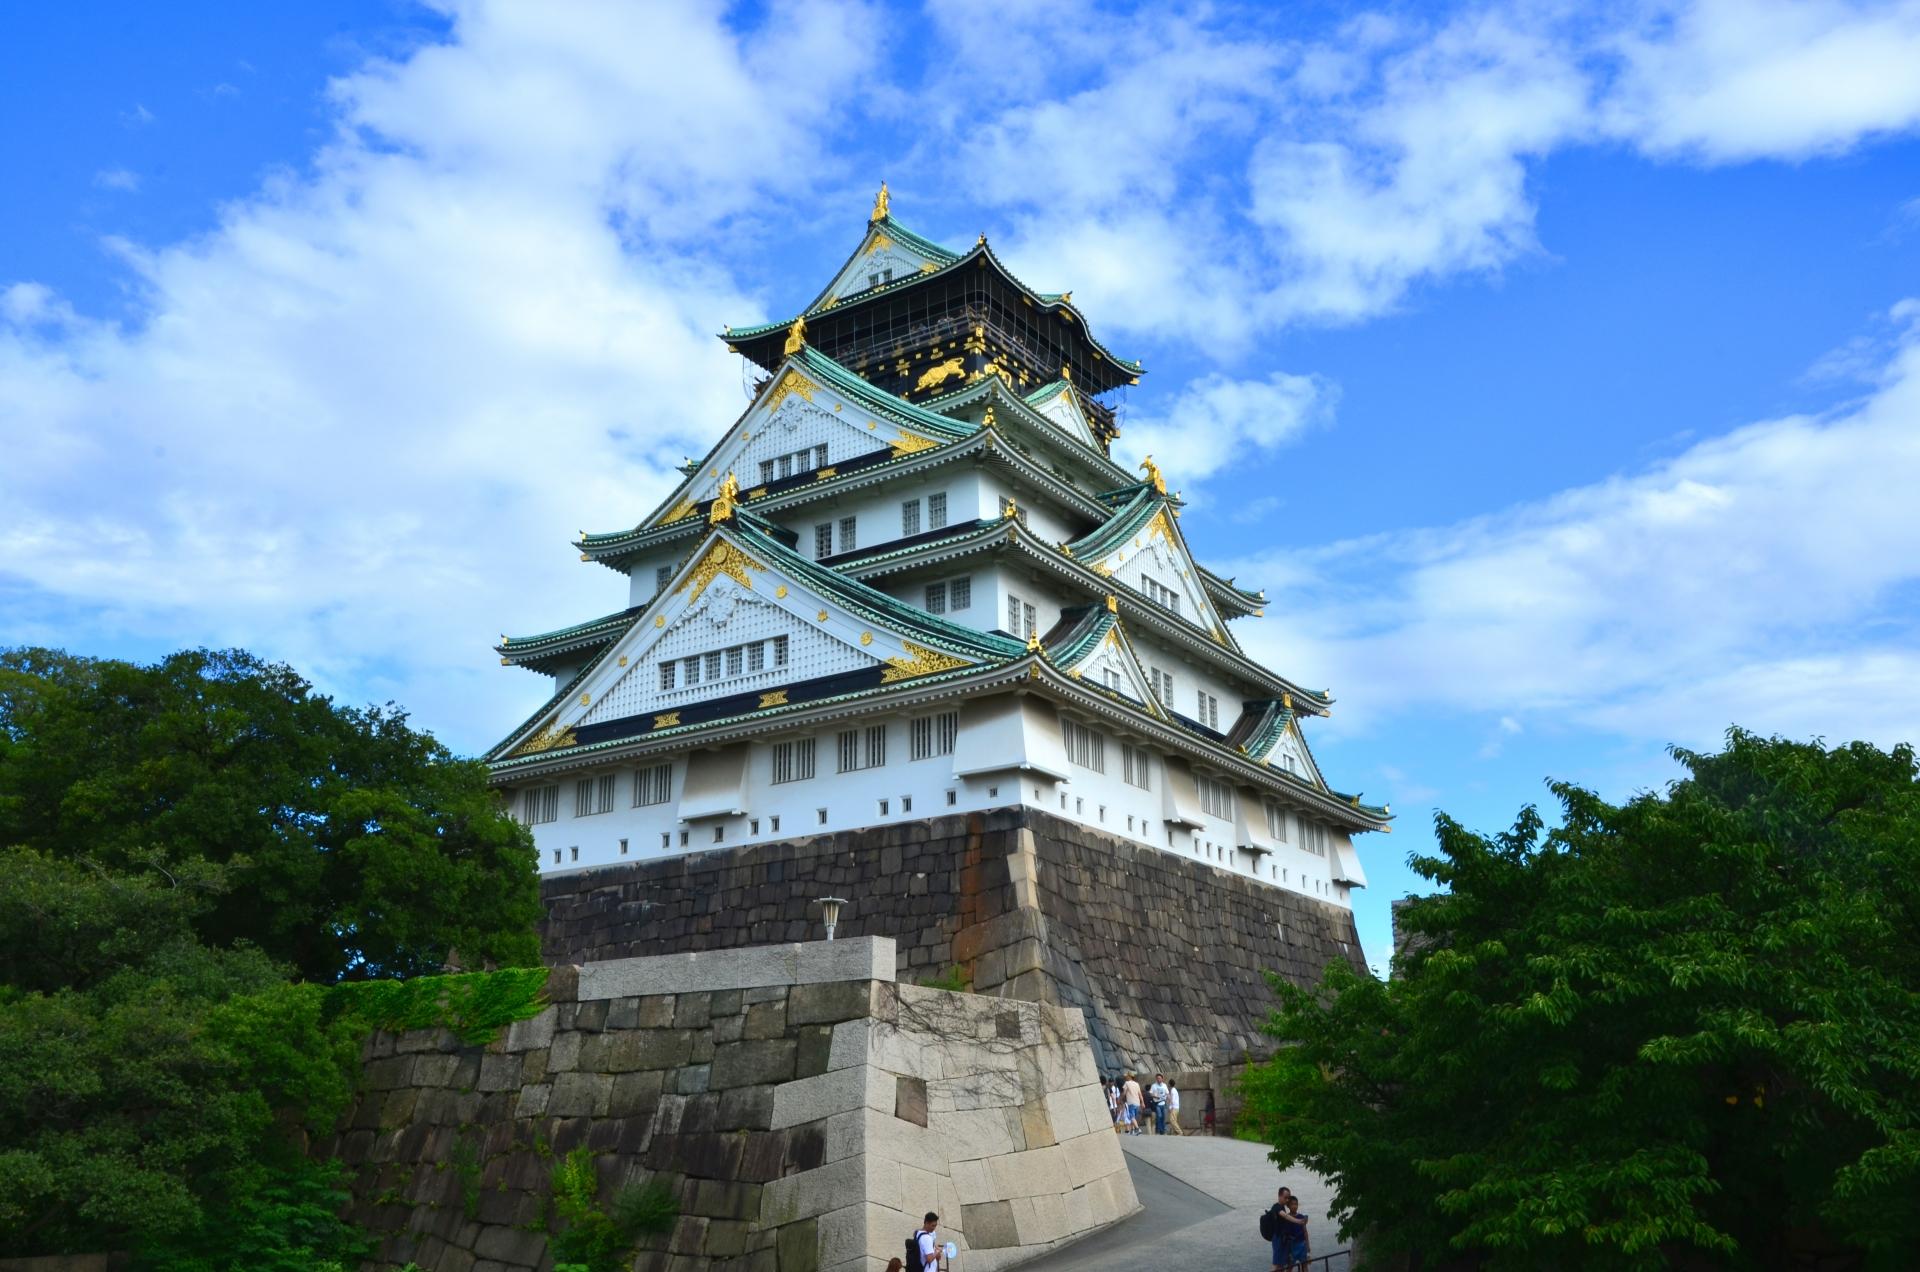 【大阪】大阪城周辺で荷物を預けられるecbo cloak加盟店人気トップ5!コインロッカー代わりに活用しよう